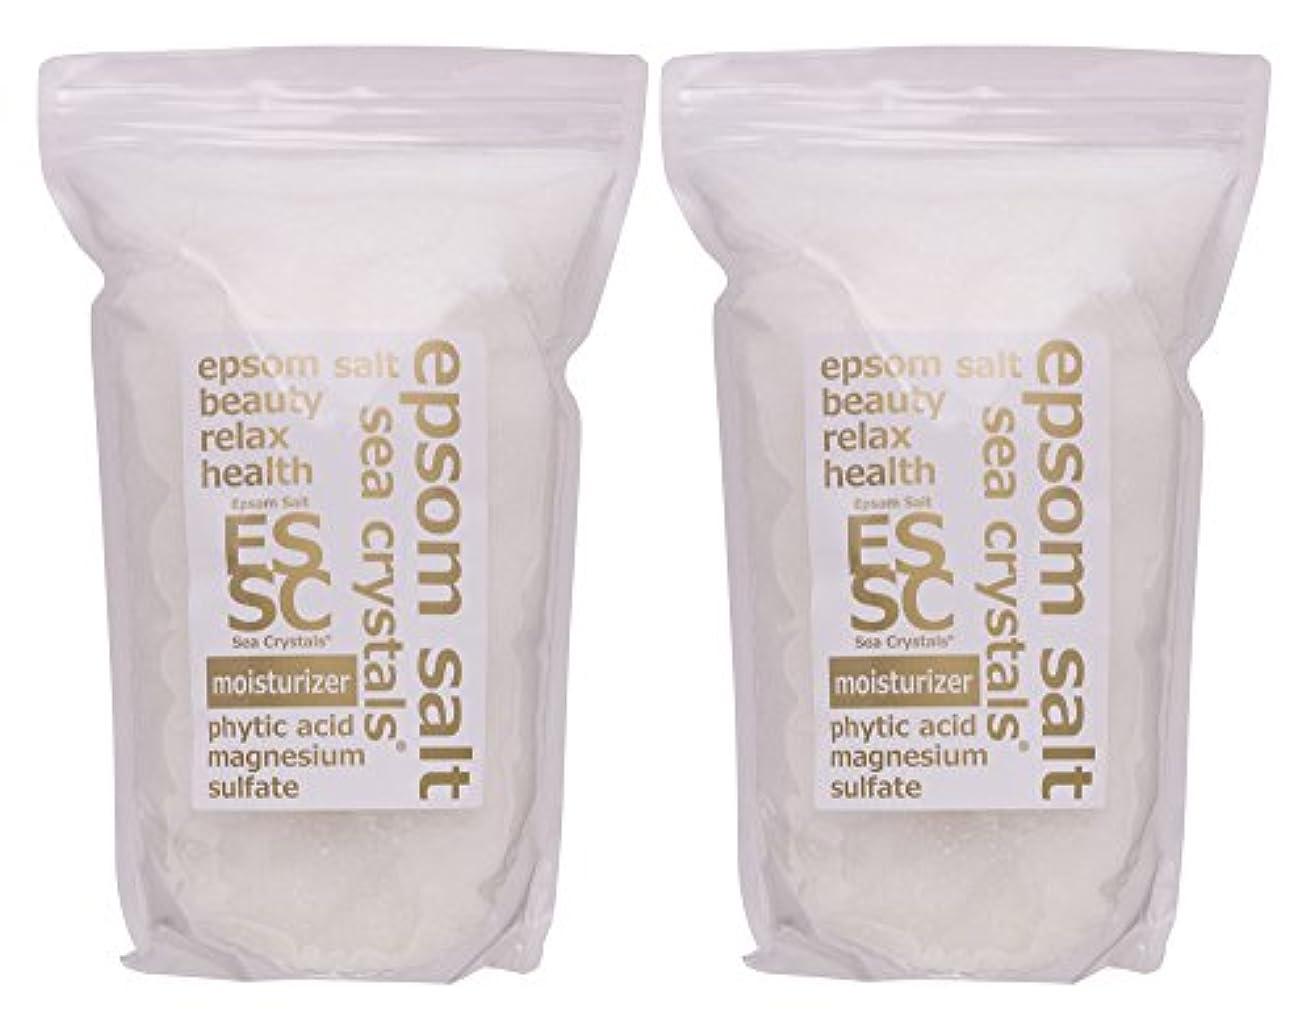 雰囲気ぎこちない捧げるエプソムソルト 8kg (4kgX2) モイスチャライザー 入浴剤(浴用化粧品) フィチン酸配合 シークリスタルス 計量スプーン付